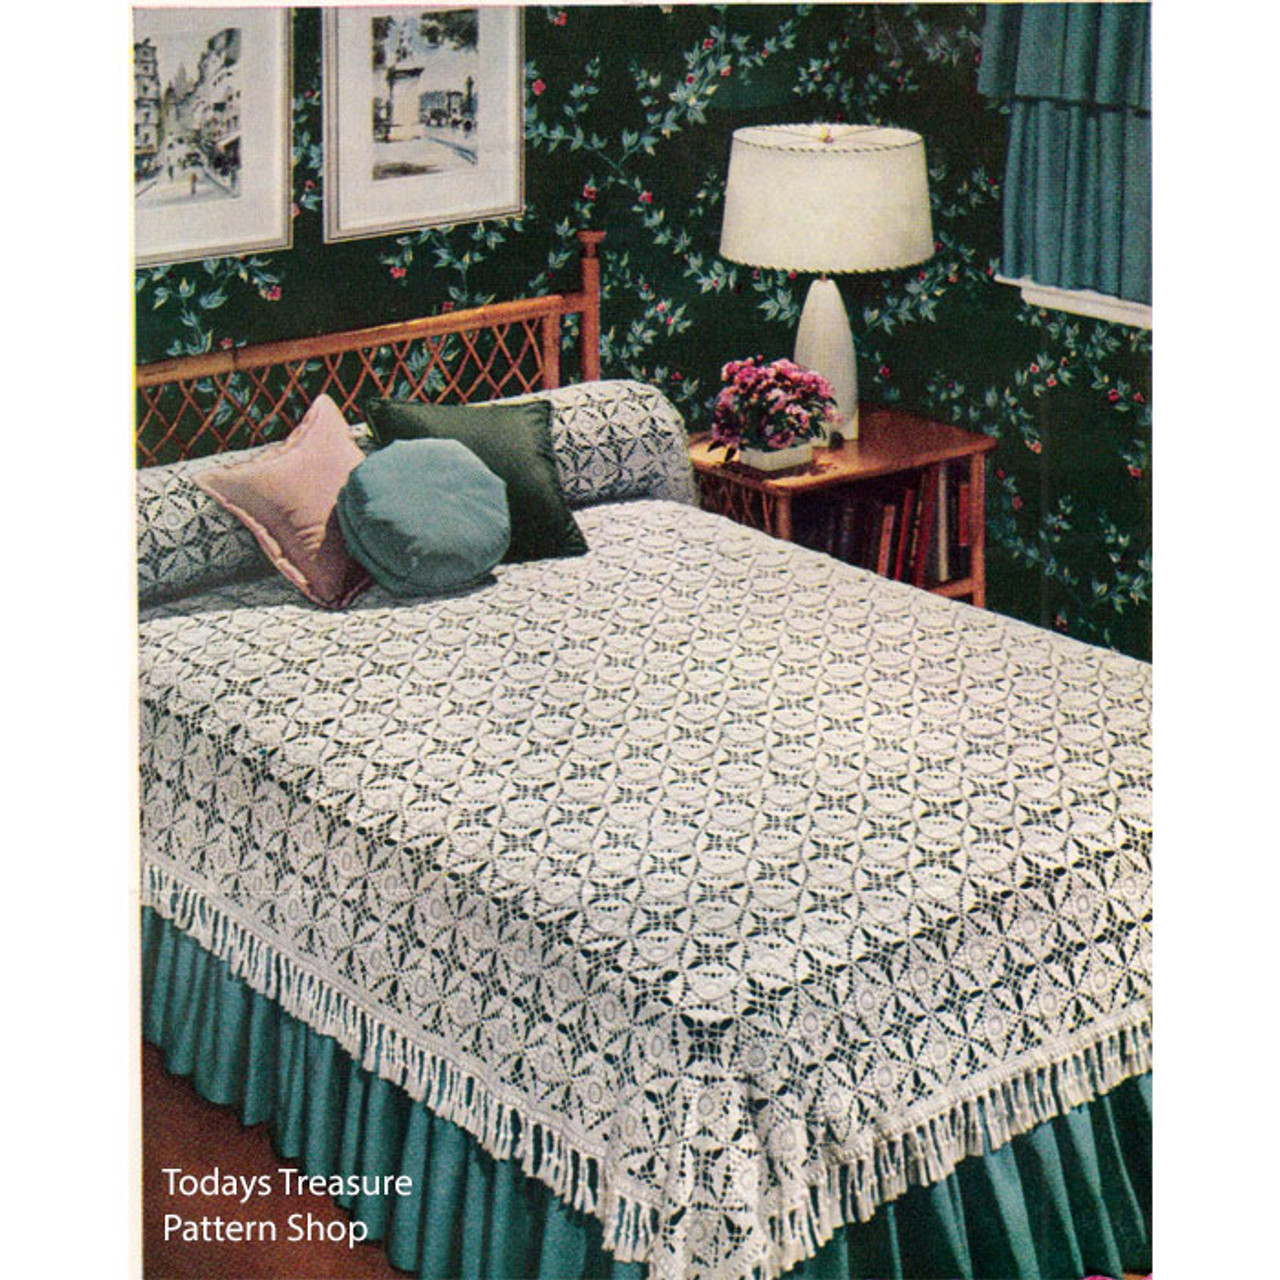 Vintage California Modern Bedspread Crochet Pattern